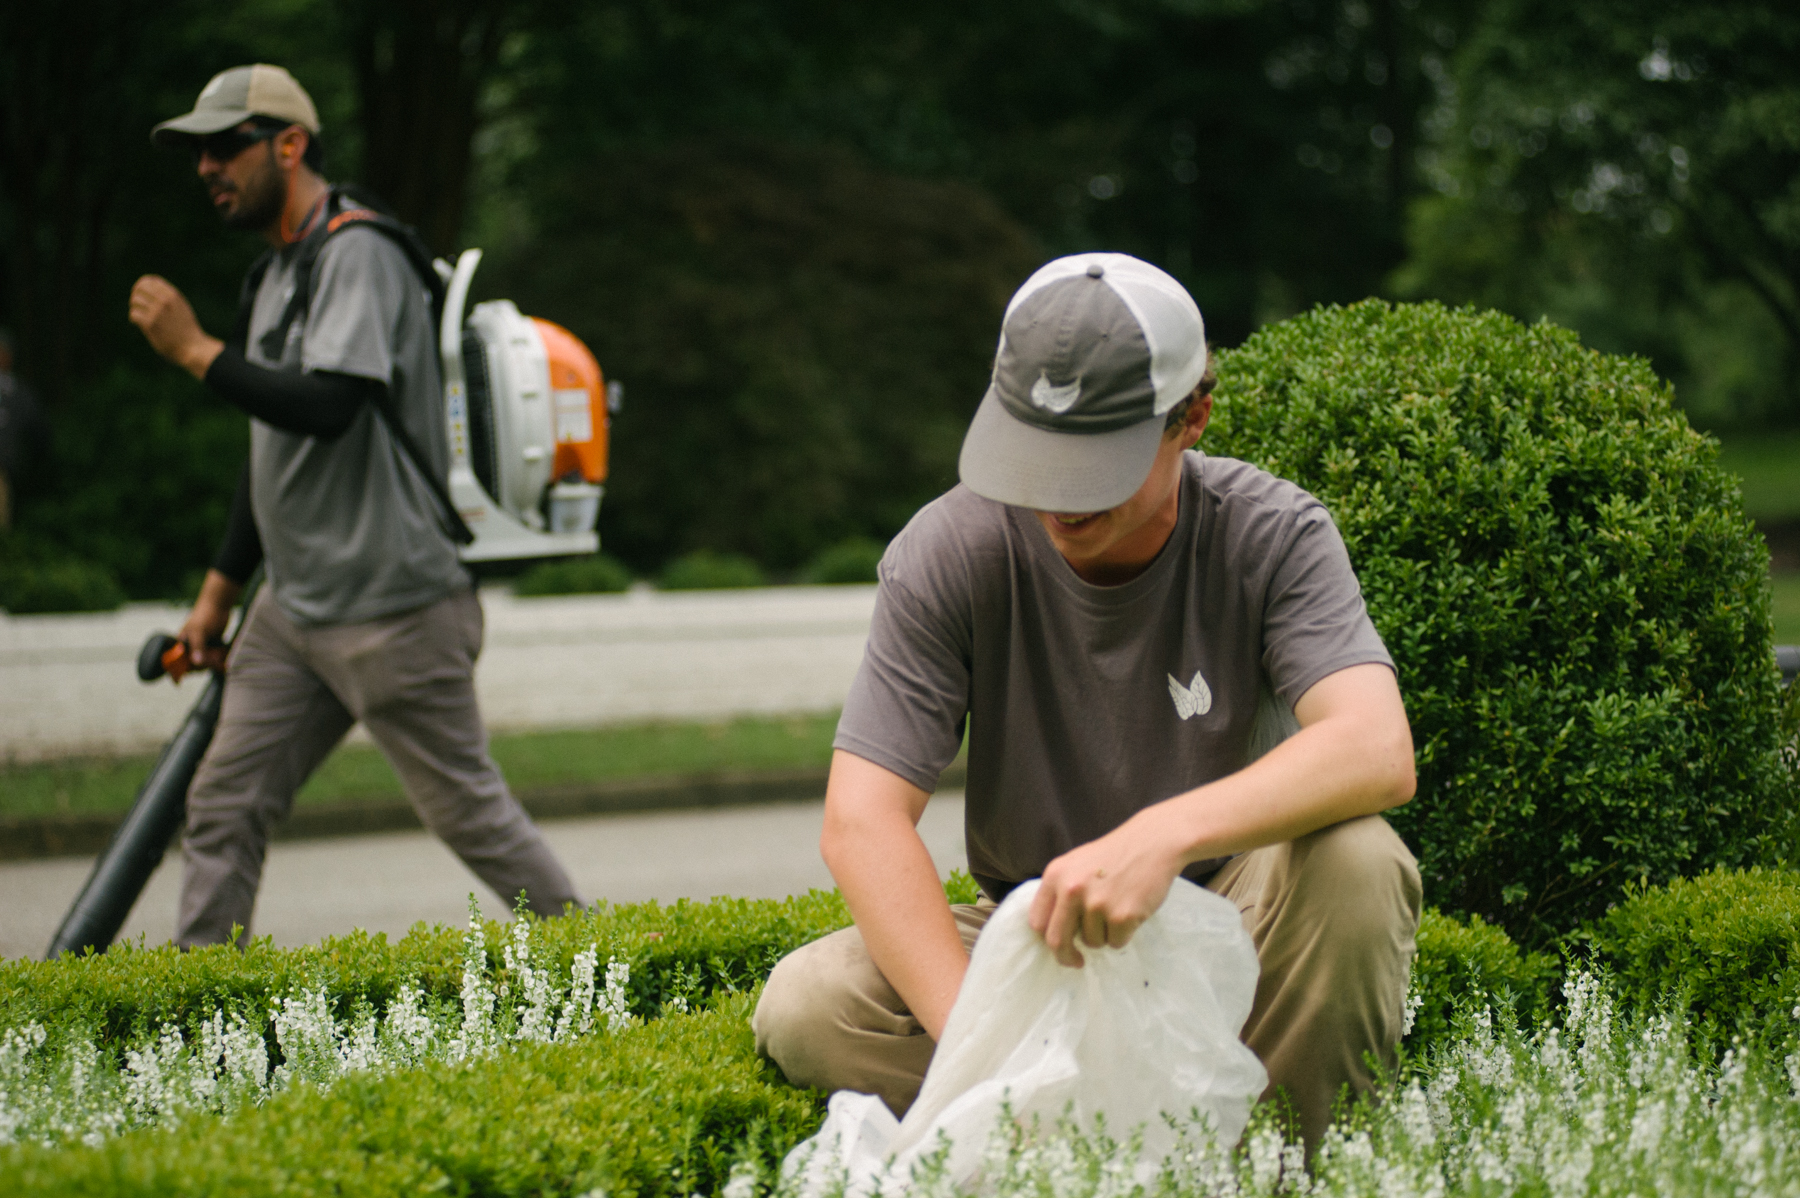 Hospital landscape maintenance technicians